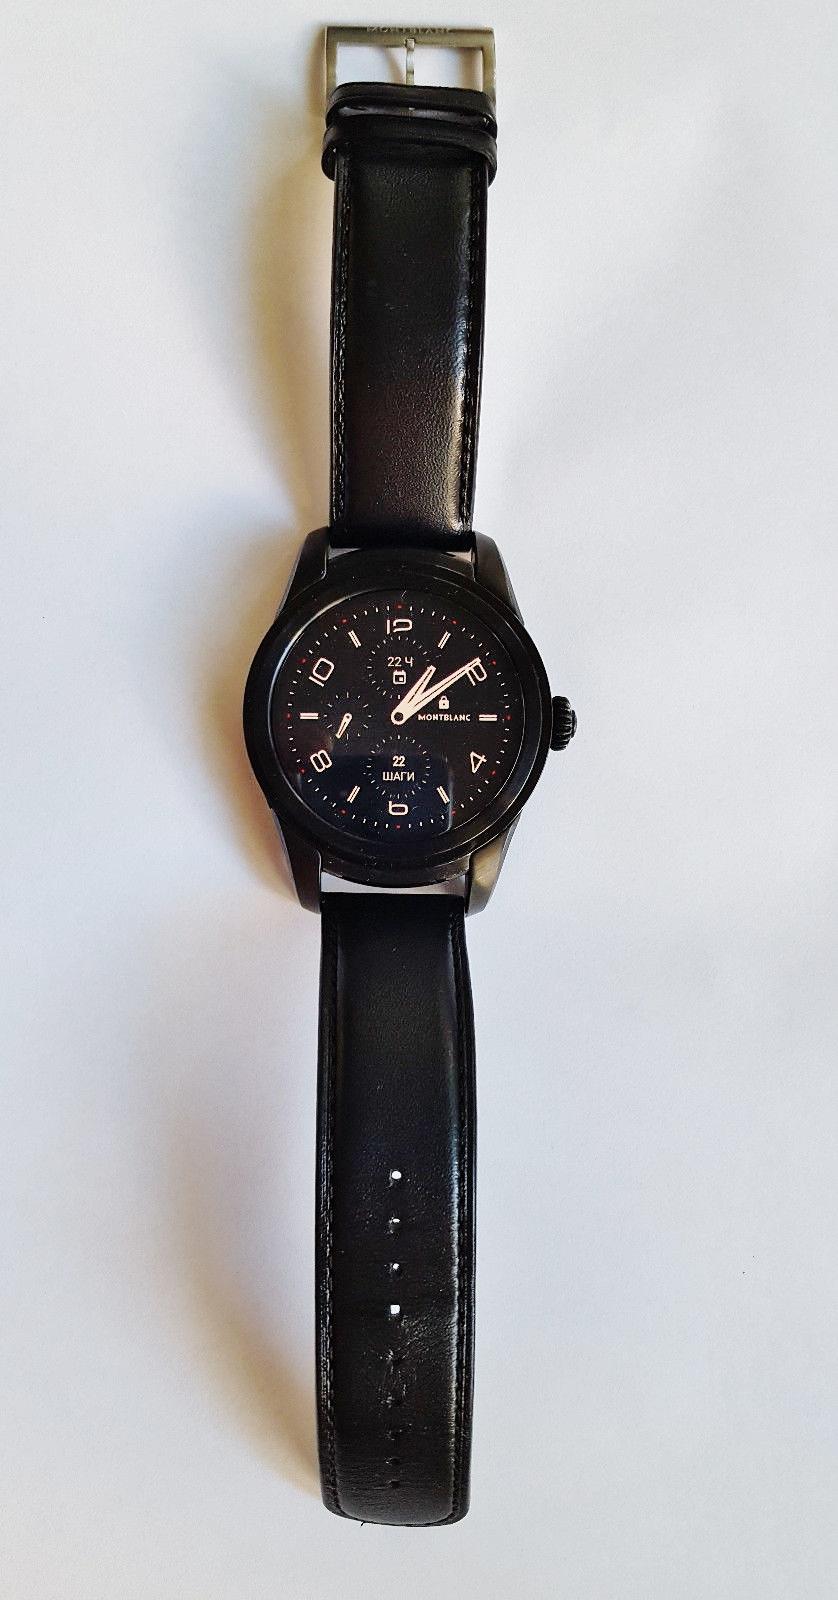 Lot 28 - Montblanc Summit Smart Watch